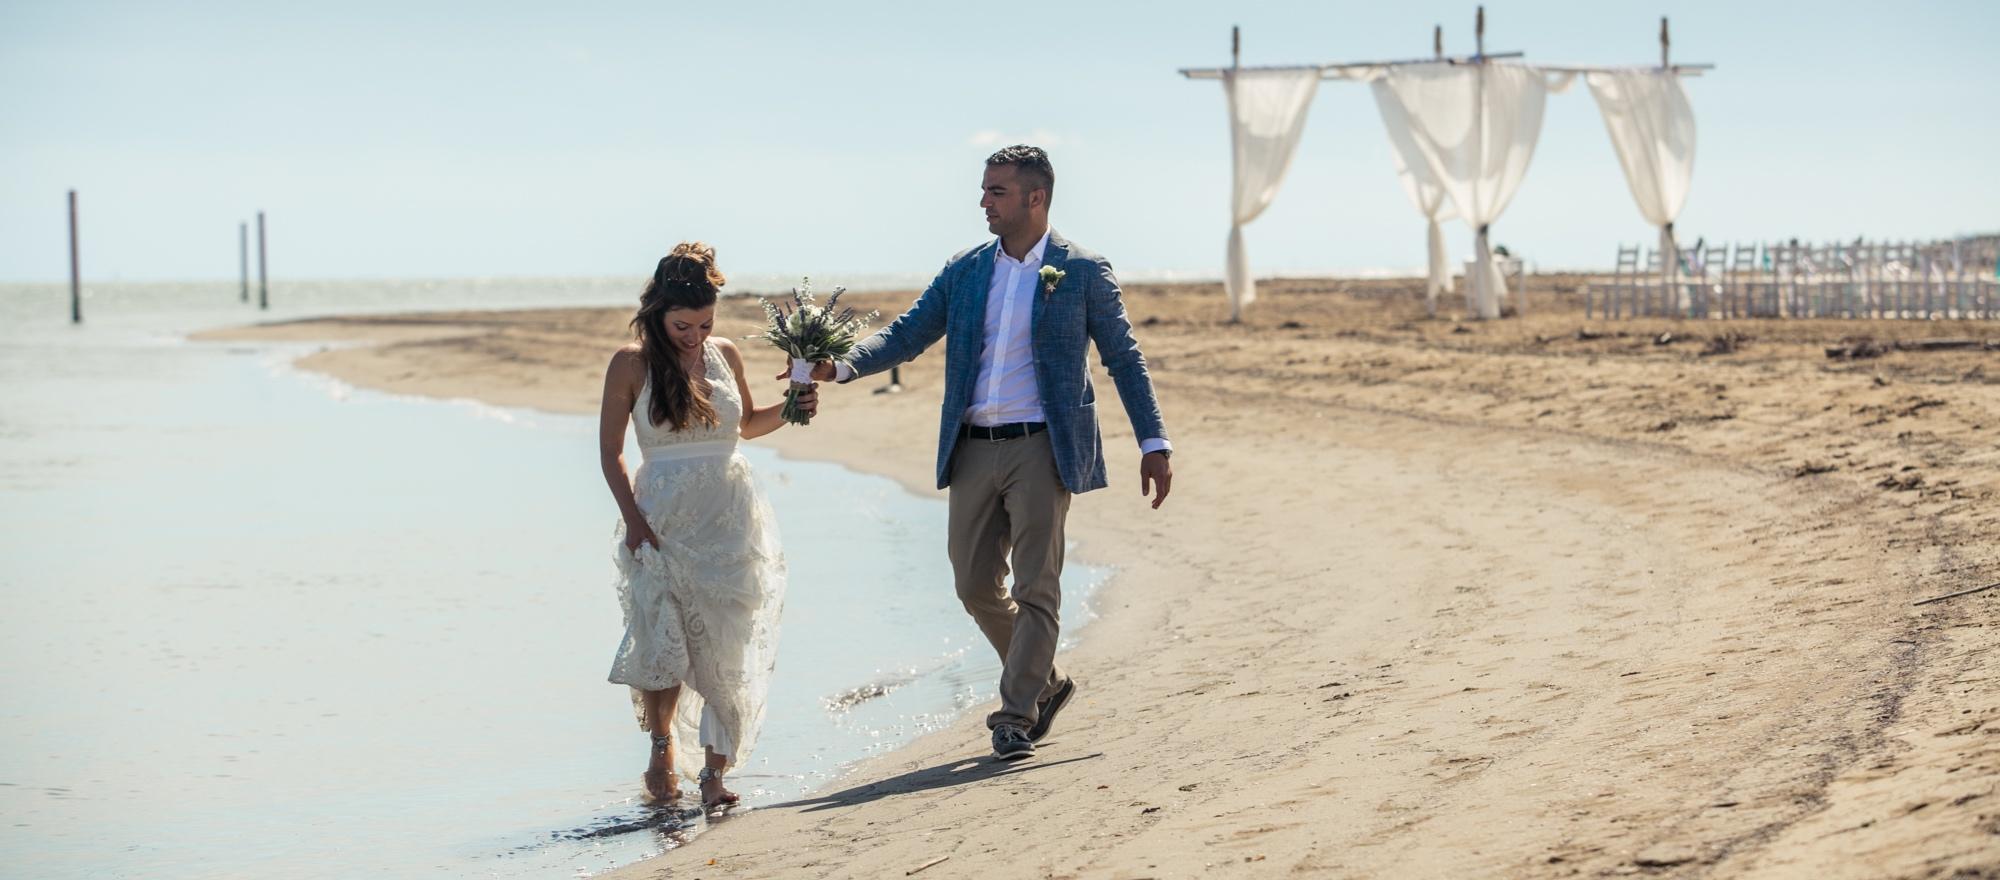 Matrimonio Spiaggia Bibione : Ristorante di pesce bibione matrimonio al mare direttamente sulla